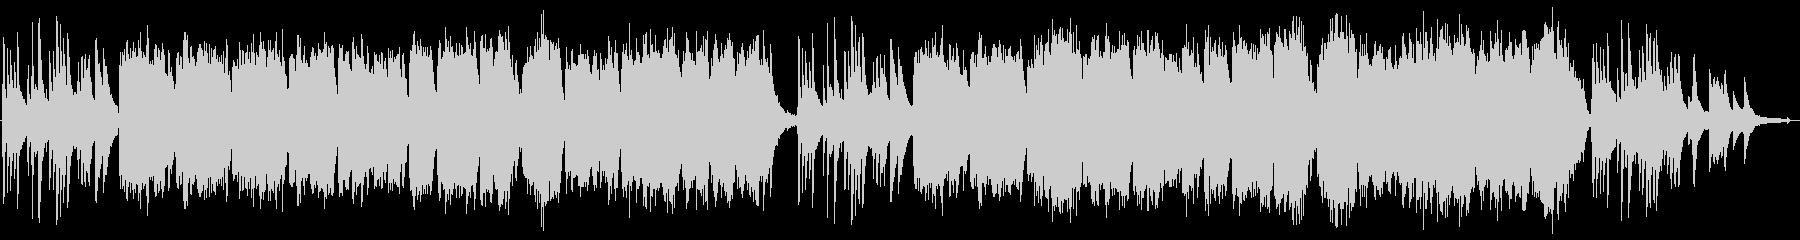 合唱曲 児童合唱 2パターン 卒業式 の未再生の波形